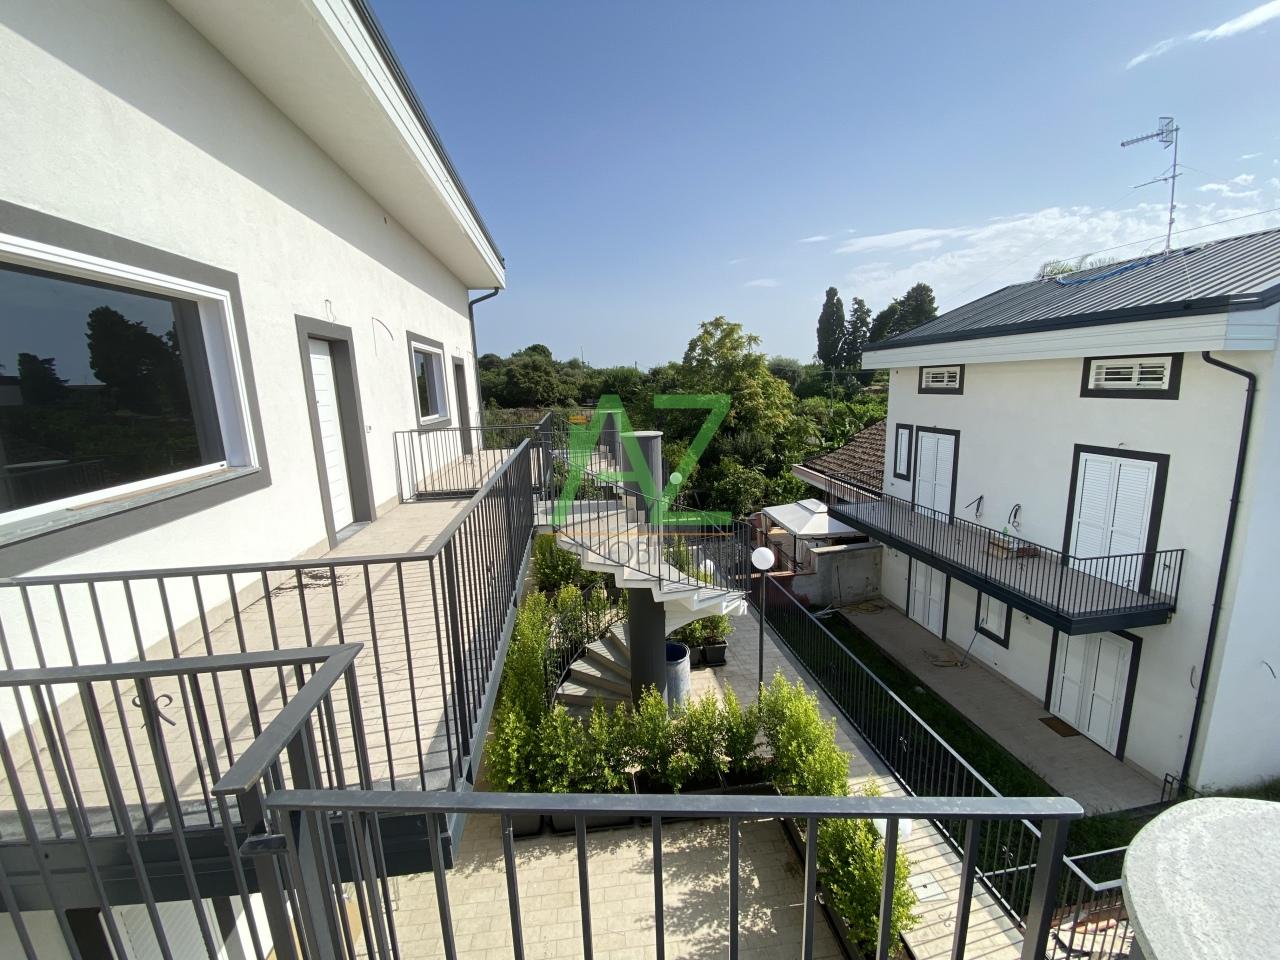 Appartamento in vendita a Acireale, 4 locali, prezzo € 200.000 | PortaleAgenzieImmobiliari.it